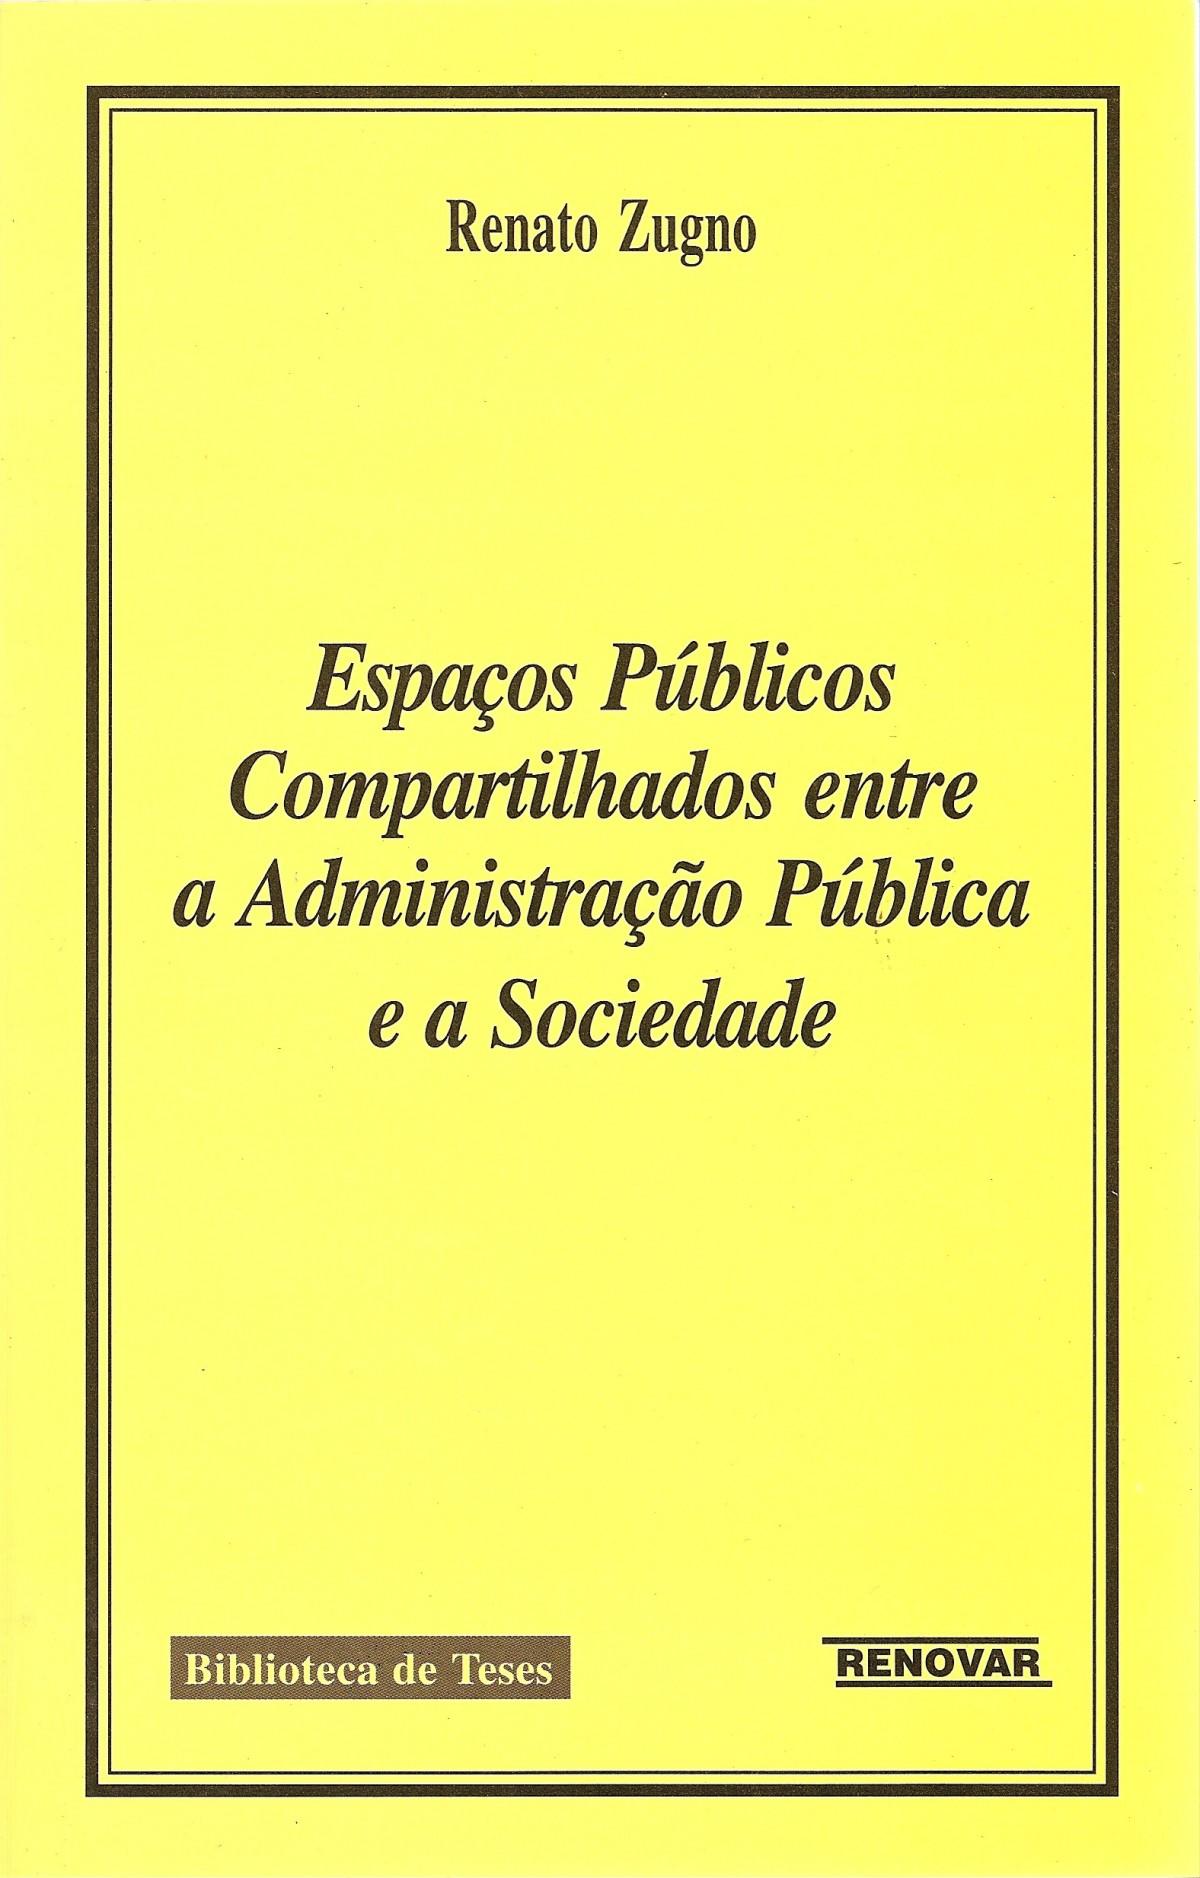 Foto 1 - Espaços Públicos Compartilhados entre a Administração Pública e a Sociedade